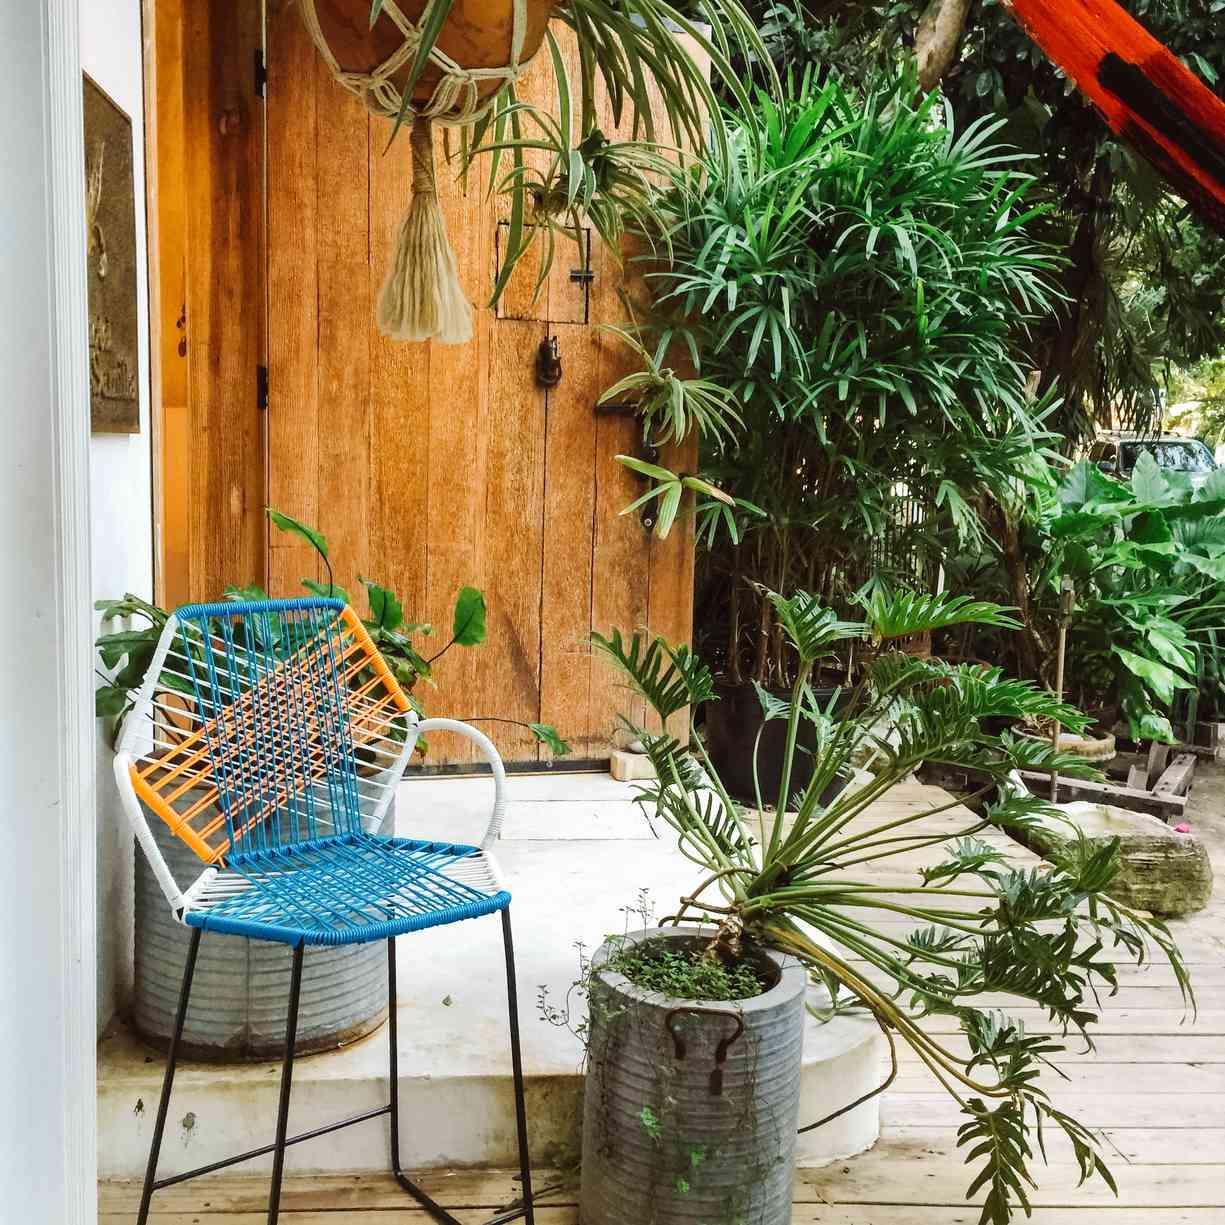 Plantas colgantes y silla pequeña